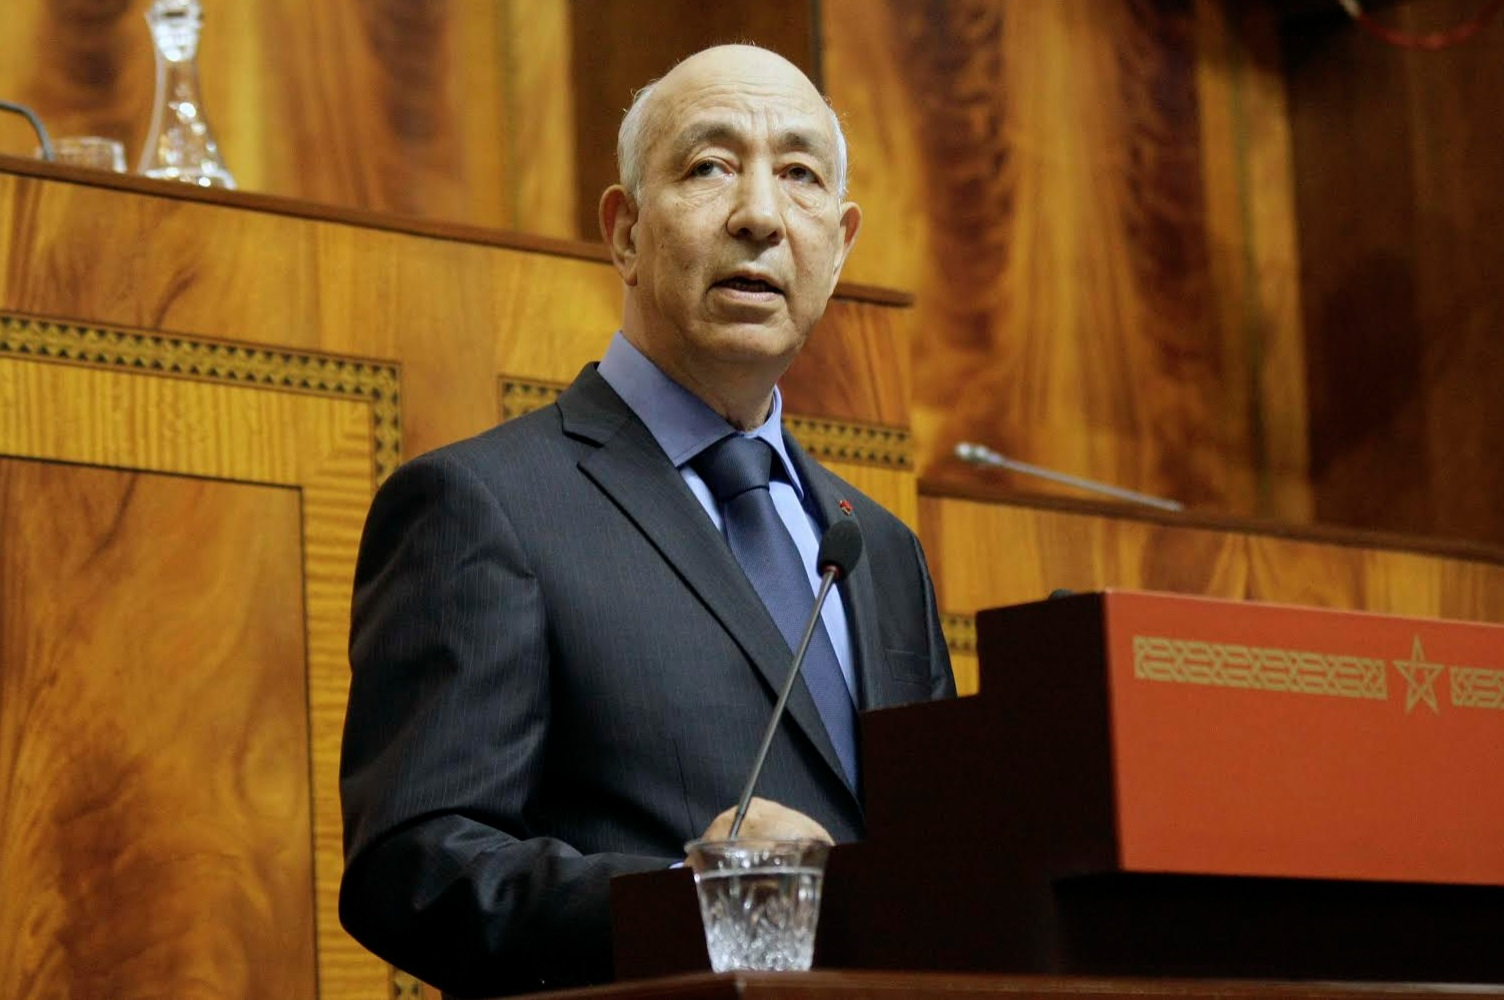 المجلس الأعلى للحسابات يكشف اختلالات تهدد صندوق التقاعد بالإفلاس